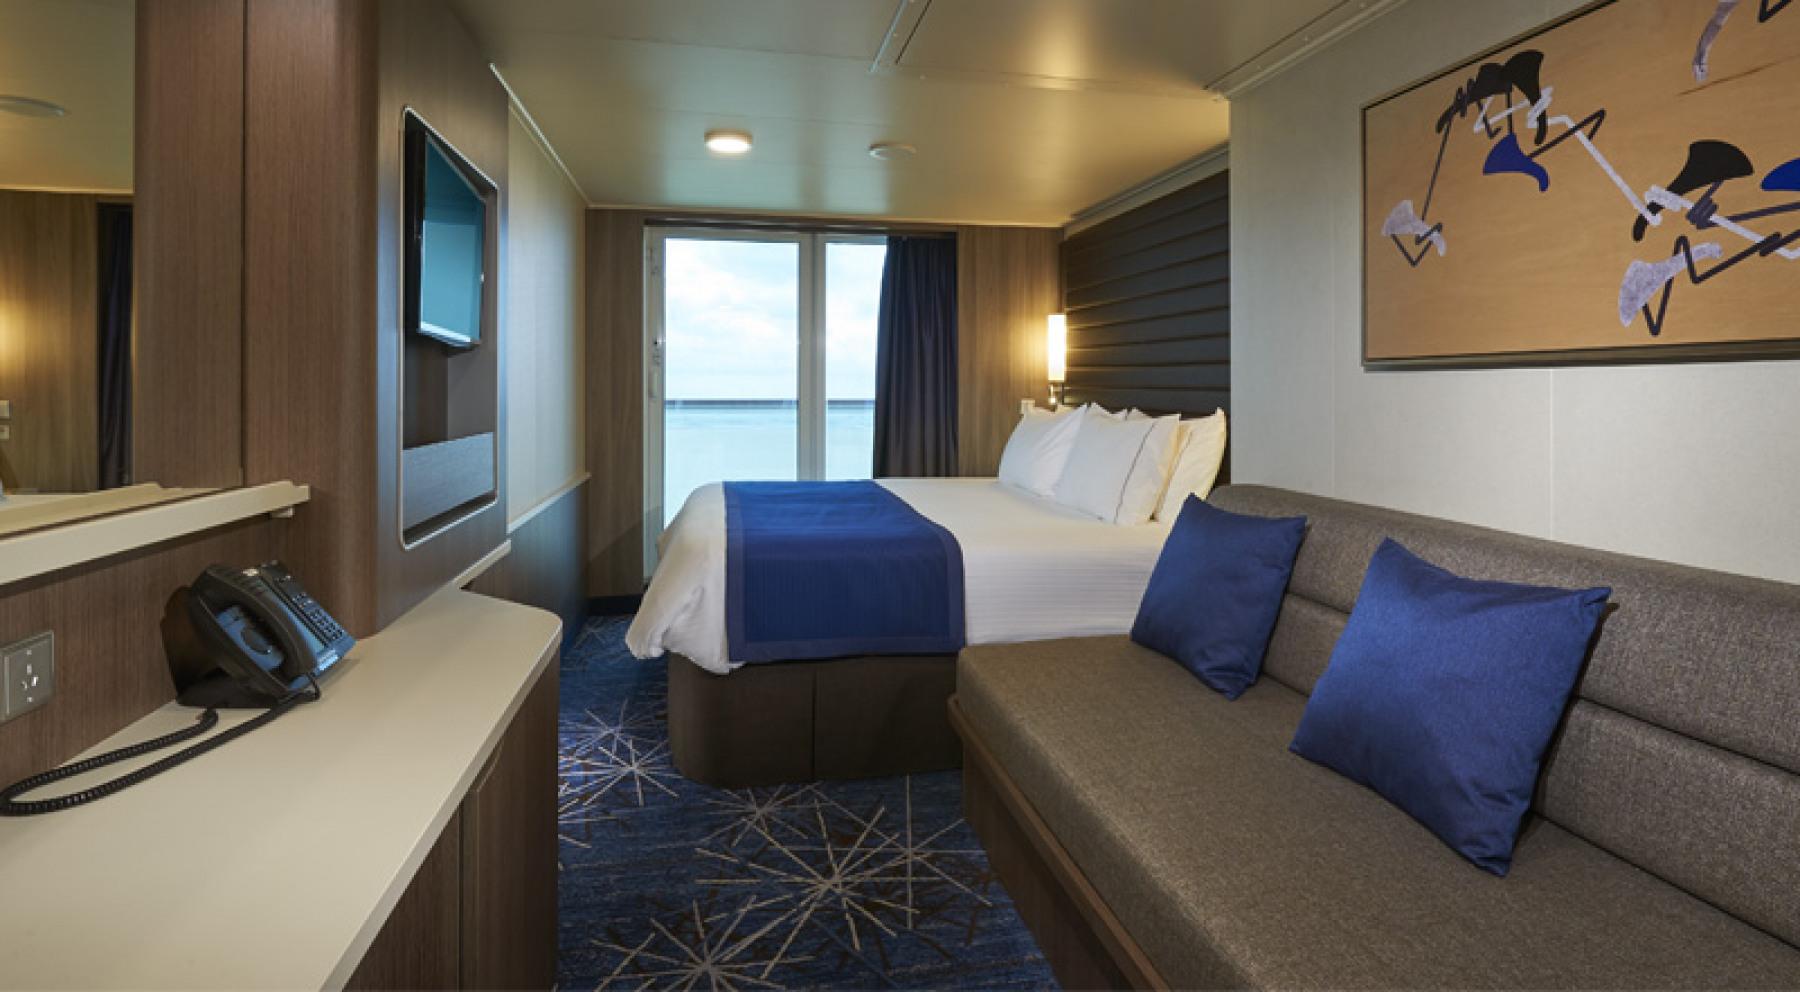 Norwegian Cruise Lines Norwegian Joy Accommodation Balcony 1.jpg